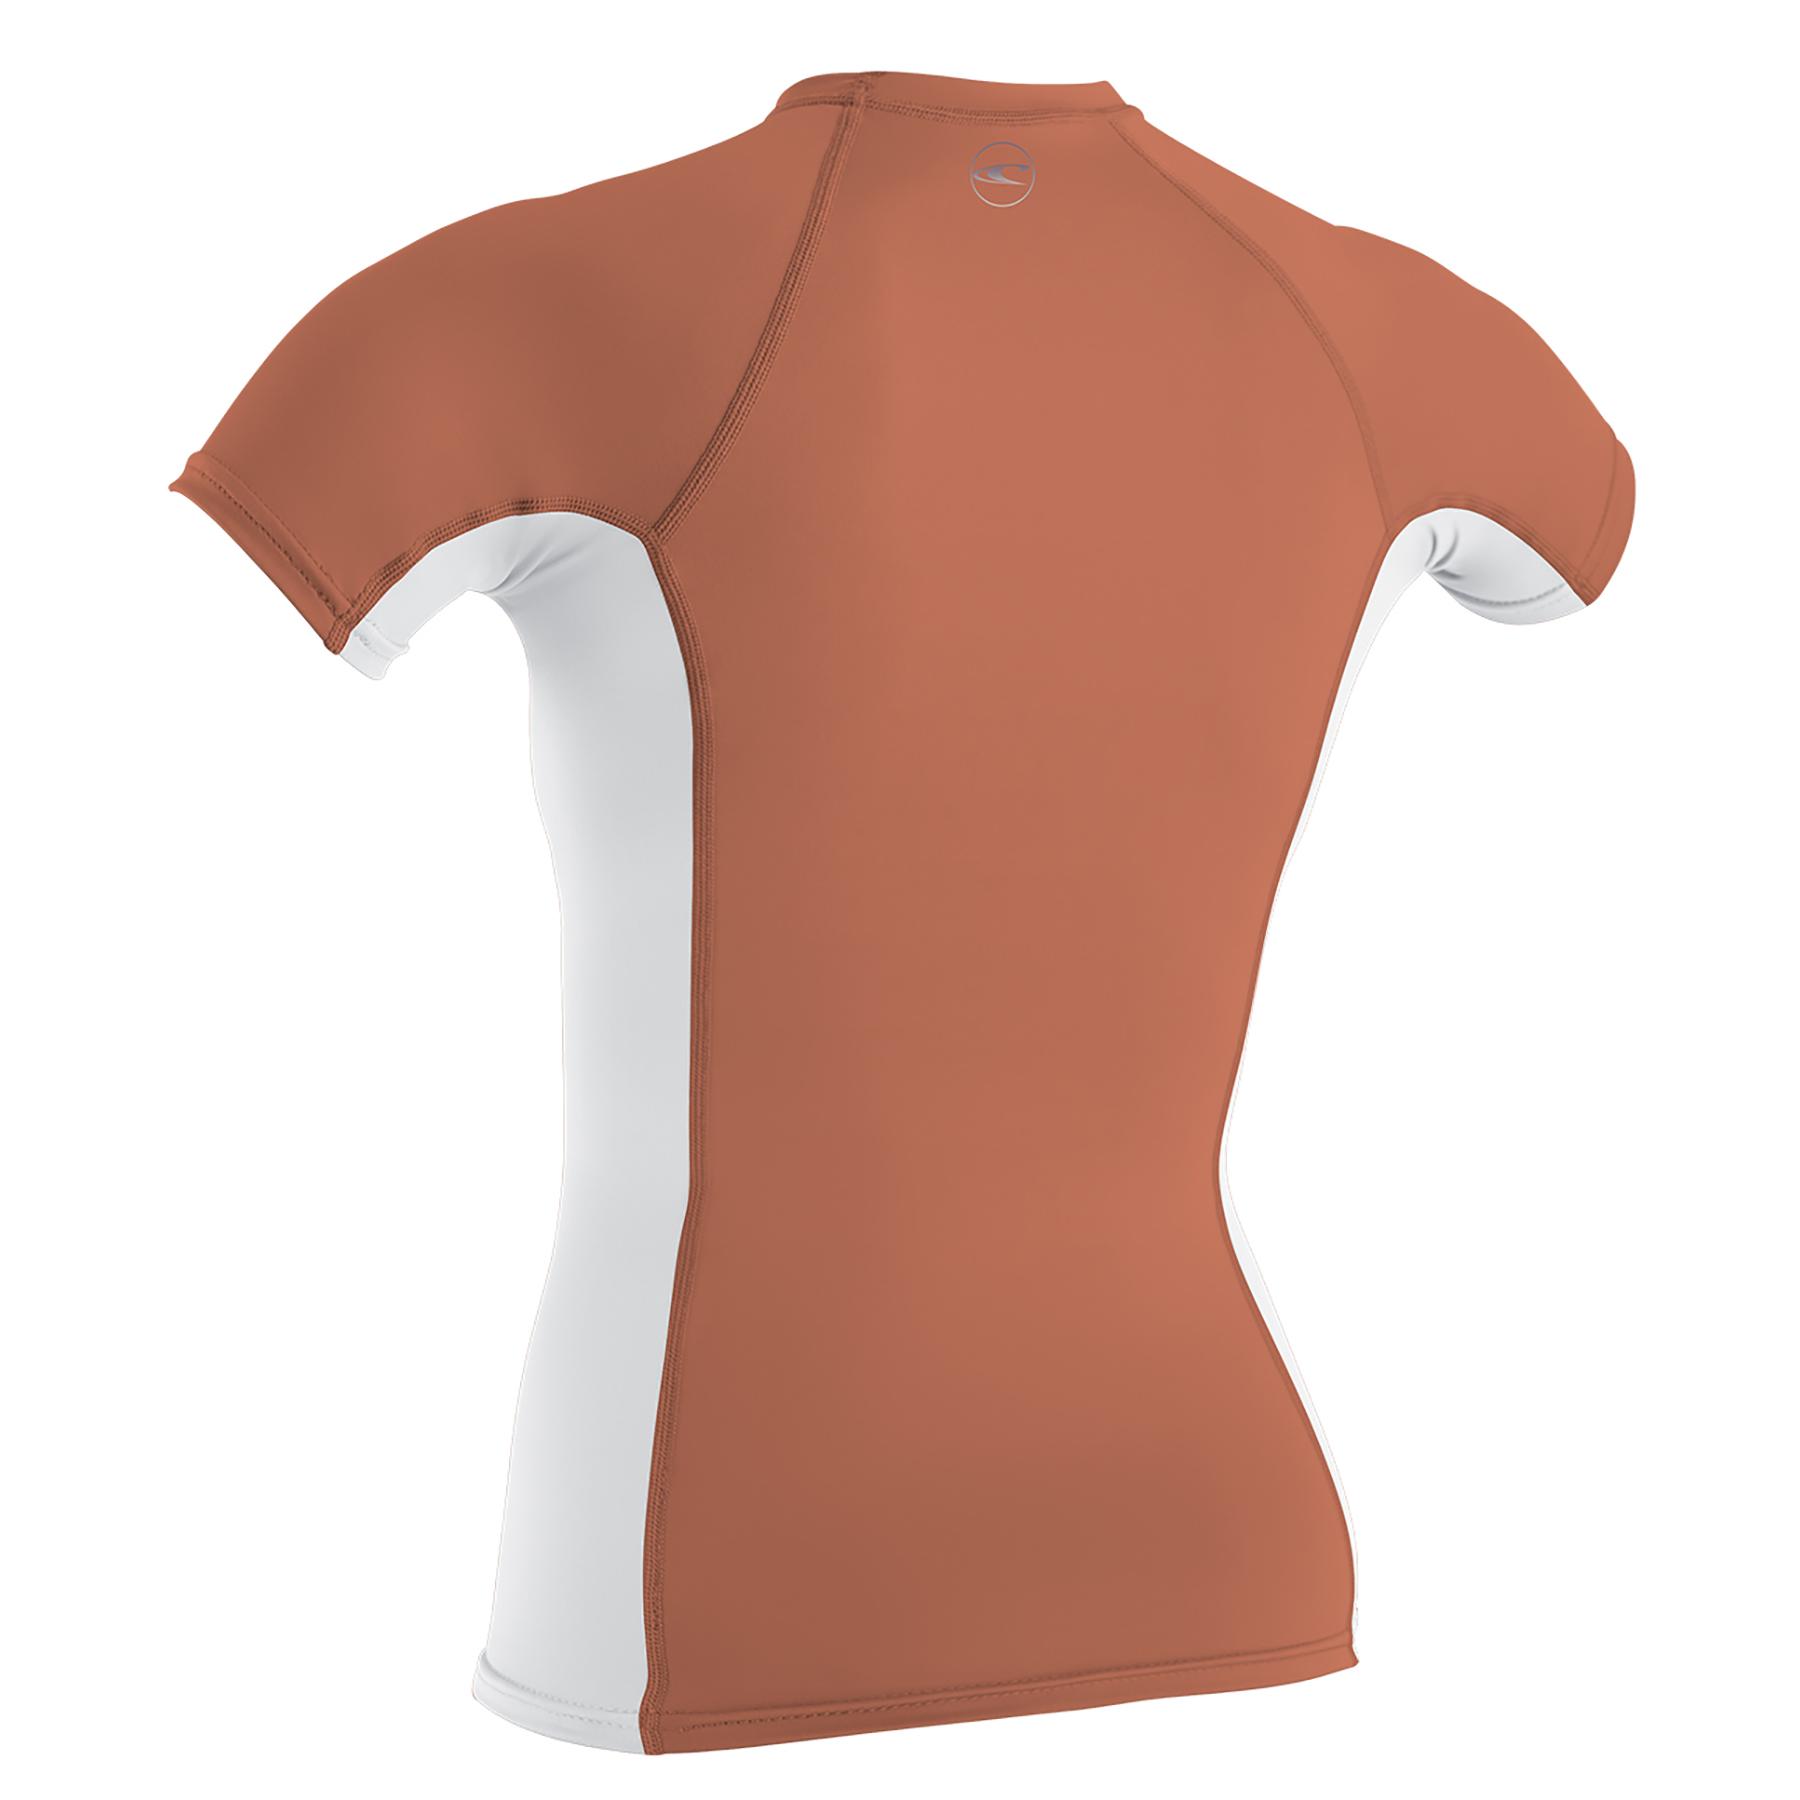 לייקרה נשים שרוול קצר של חברת Oneill מסדרת SKINS. סדרת SKINS בנויה מ-6OZ Nylon/Spandex עם4-Way Stretch היא גמישה מאד ויושבת על הגוף כמו שכבת עור נוספת, בנוסף כדי למנוע מהלייקרה לעלות או להתקפל בזמן הגלישה הוסיפו לליקרה לולאה קטנה בדש הלייקרה לקשירת הלייקרה למכנס גלישה. הלייקרה מודבקת ותפורה בצורה מאד מינימלית ללא תפרים באזור הבית שחי למניעת שפשפות. עם מקדם הגנה +50 UVהלייקרה מספקת הגנה מעולה מפני השמש מבלי לפגוע ביכולת תנועה וסטייל . מעולה לקיץ הישראלי, טיולים לחול ולהגנה נגד מזודות